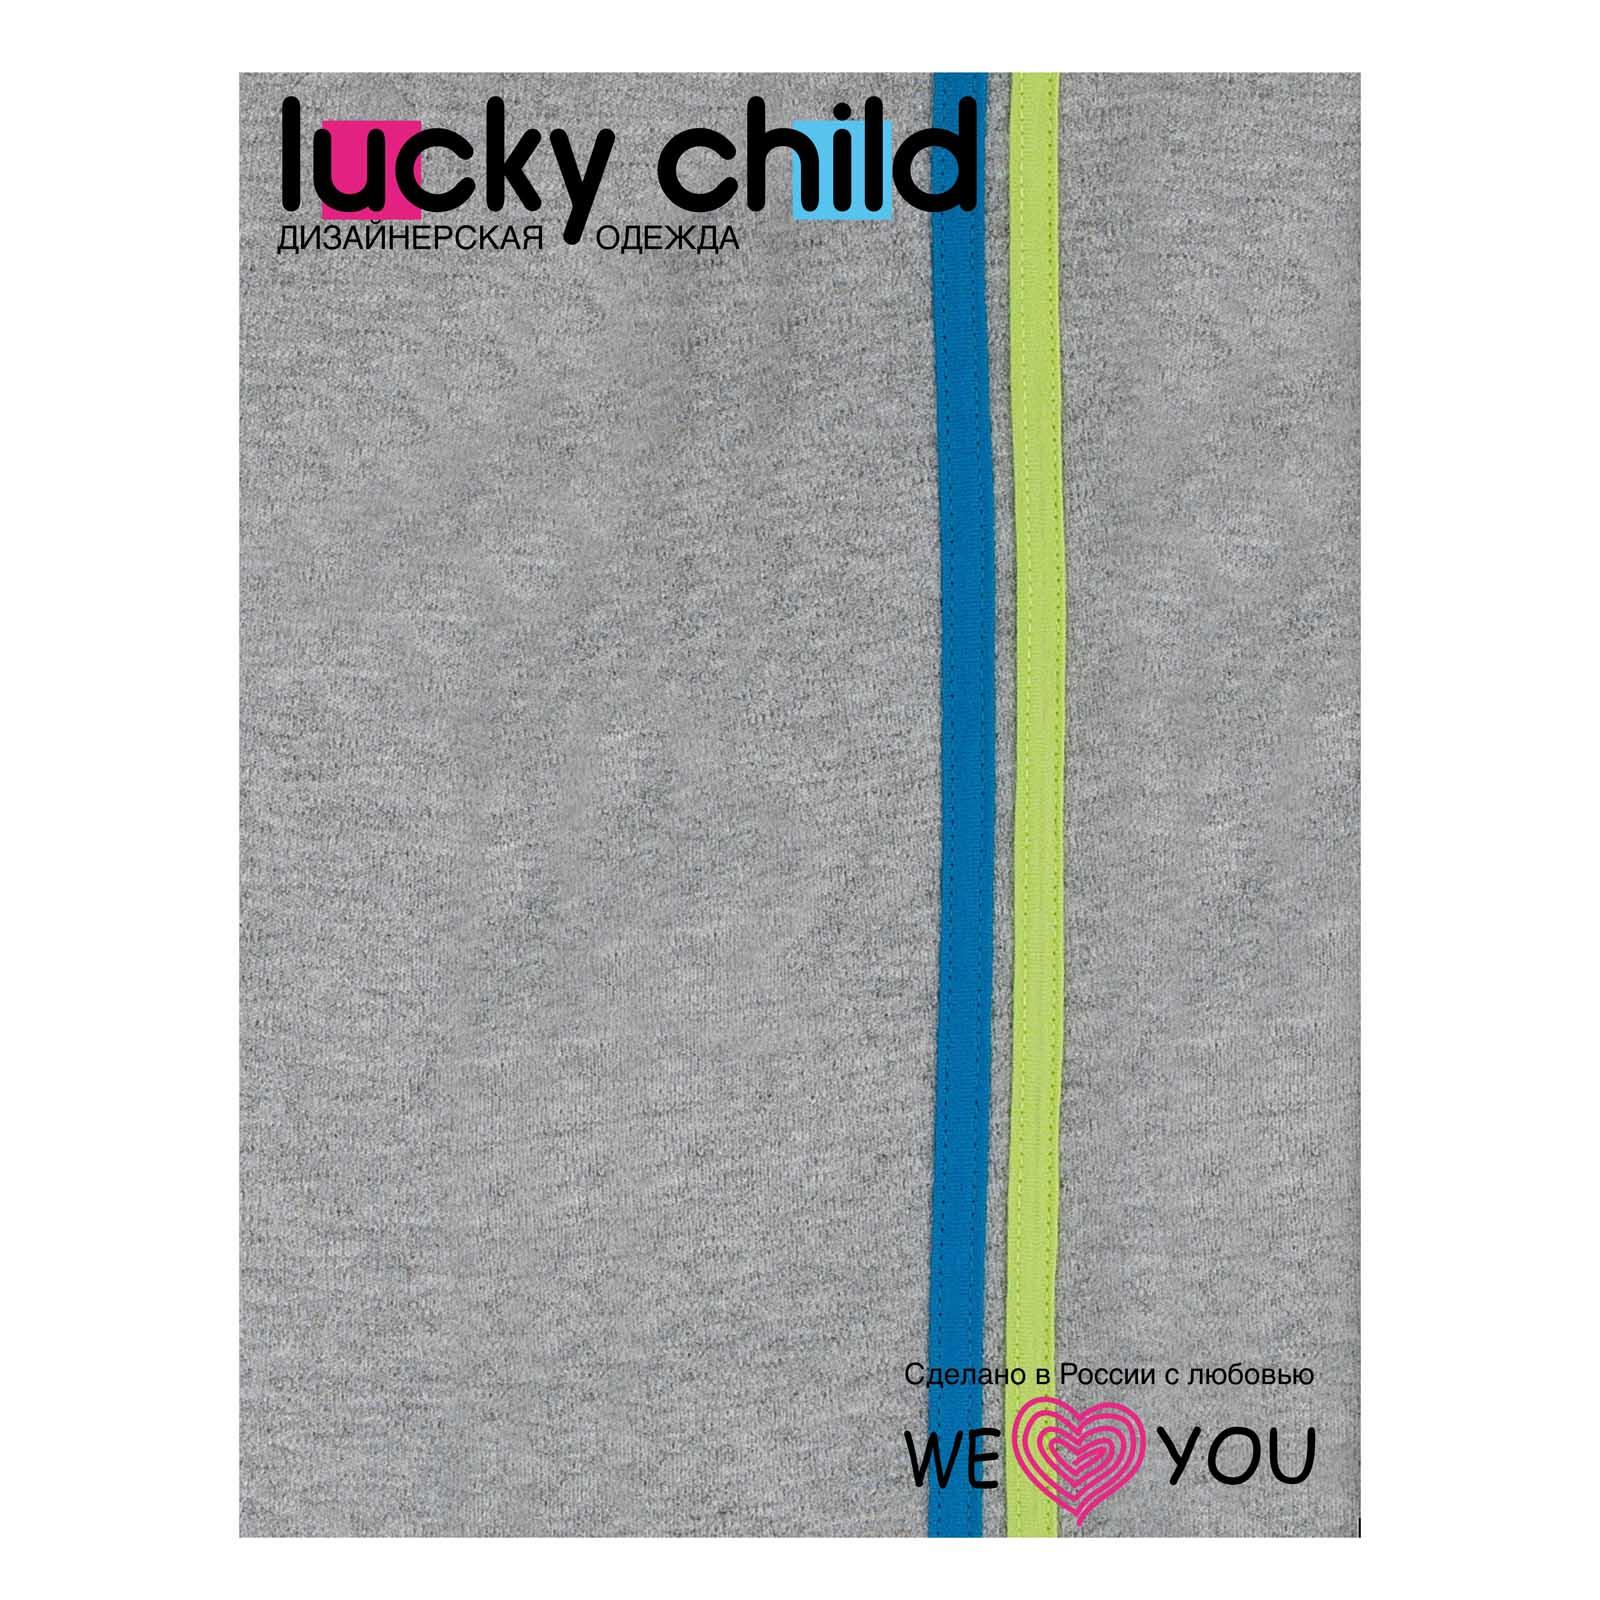 Ползунки с лампасами Lucky Child коллекция Спортивная линия Размер 62